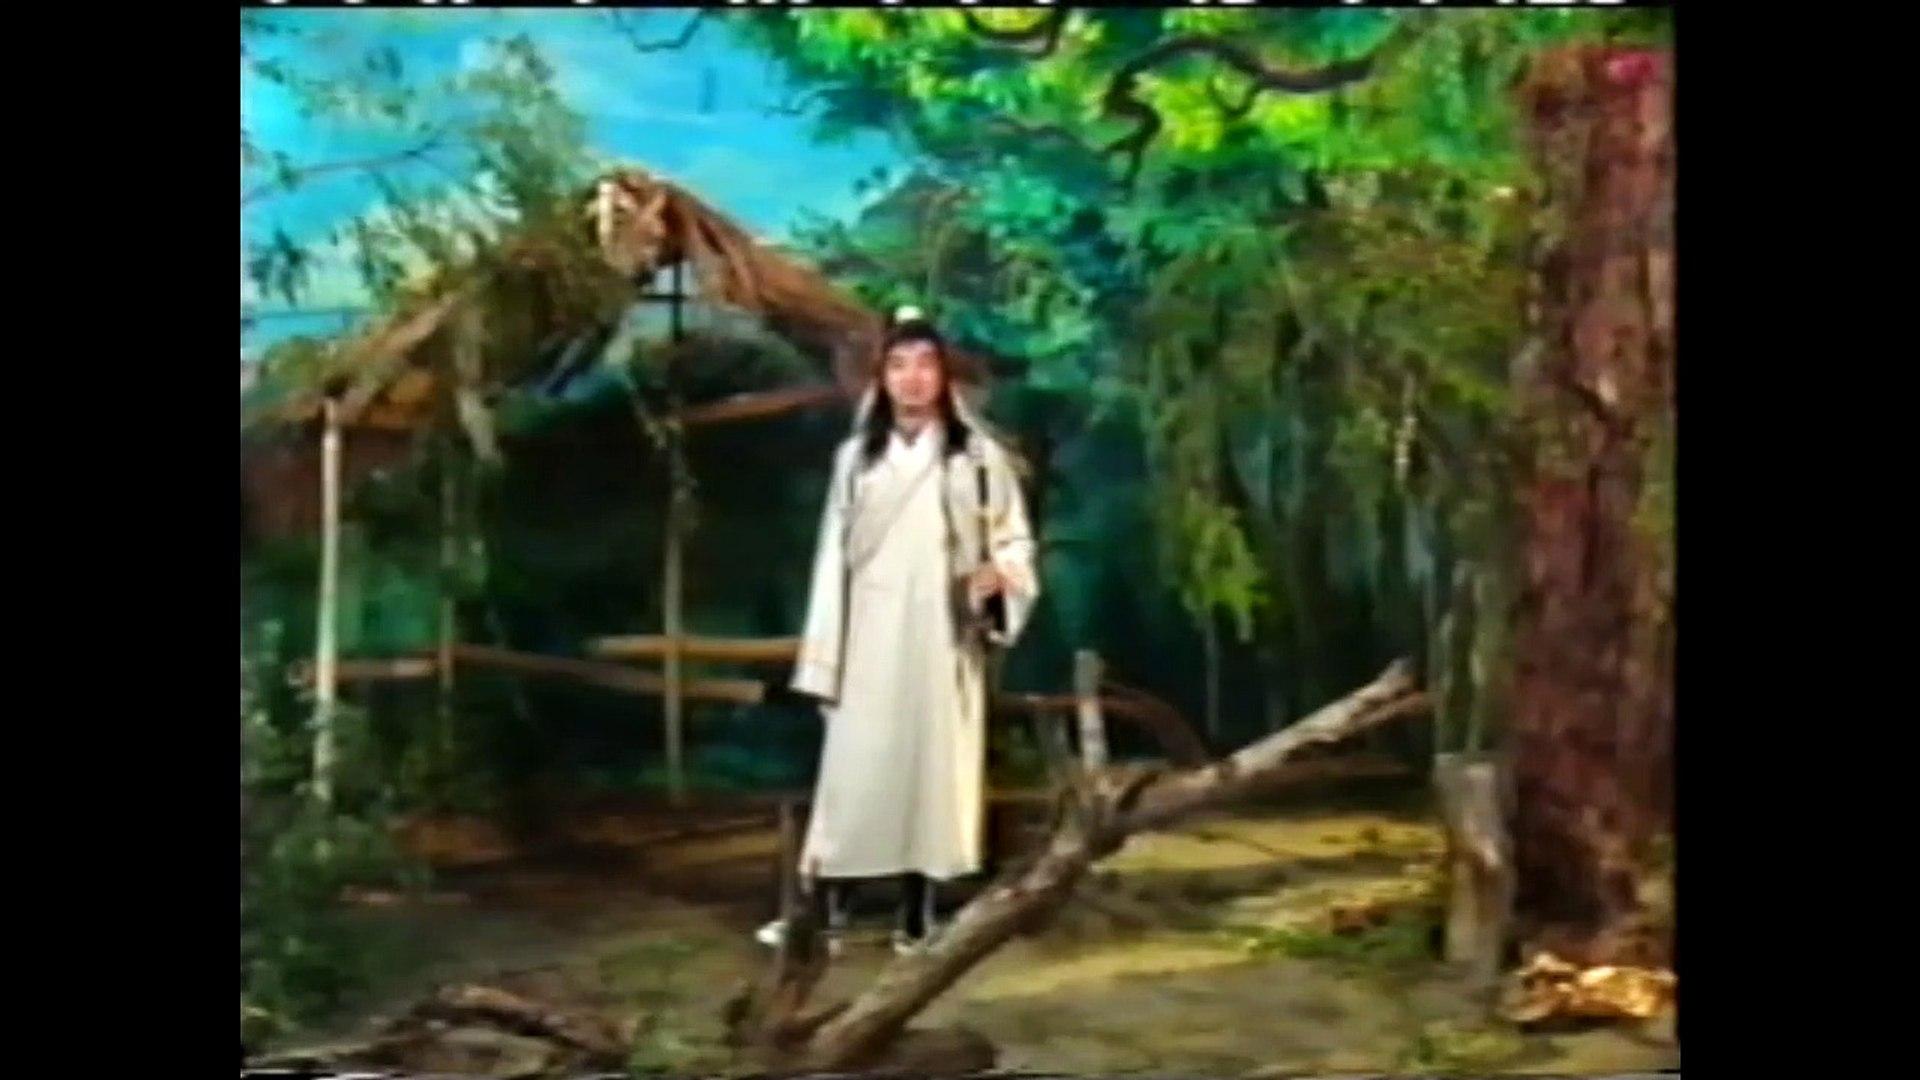 Video - Hài kịch TÁI NGỘ TUYỆT TÌNH CỐC (Hồng Đào - Trang Thanh Lan - Quang Minh - Pé mập - Loan Châ